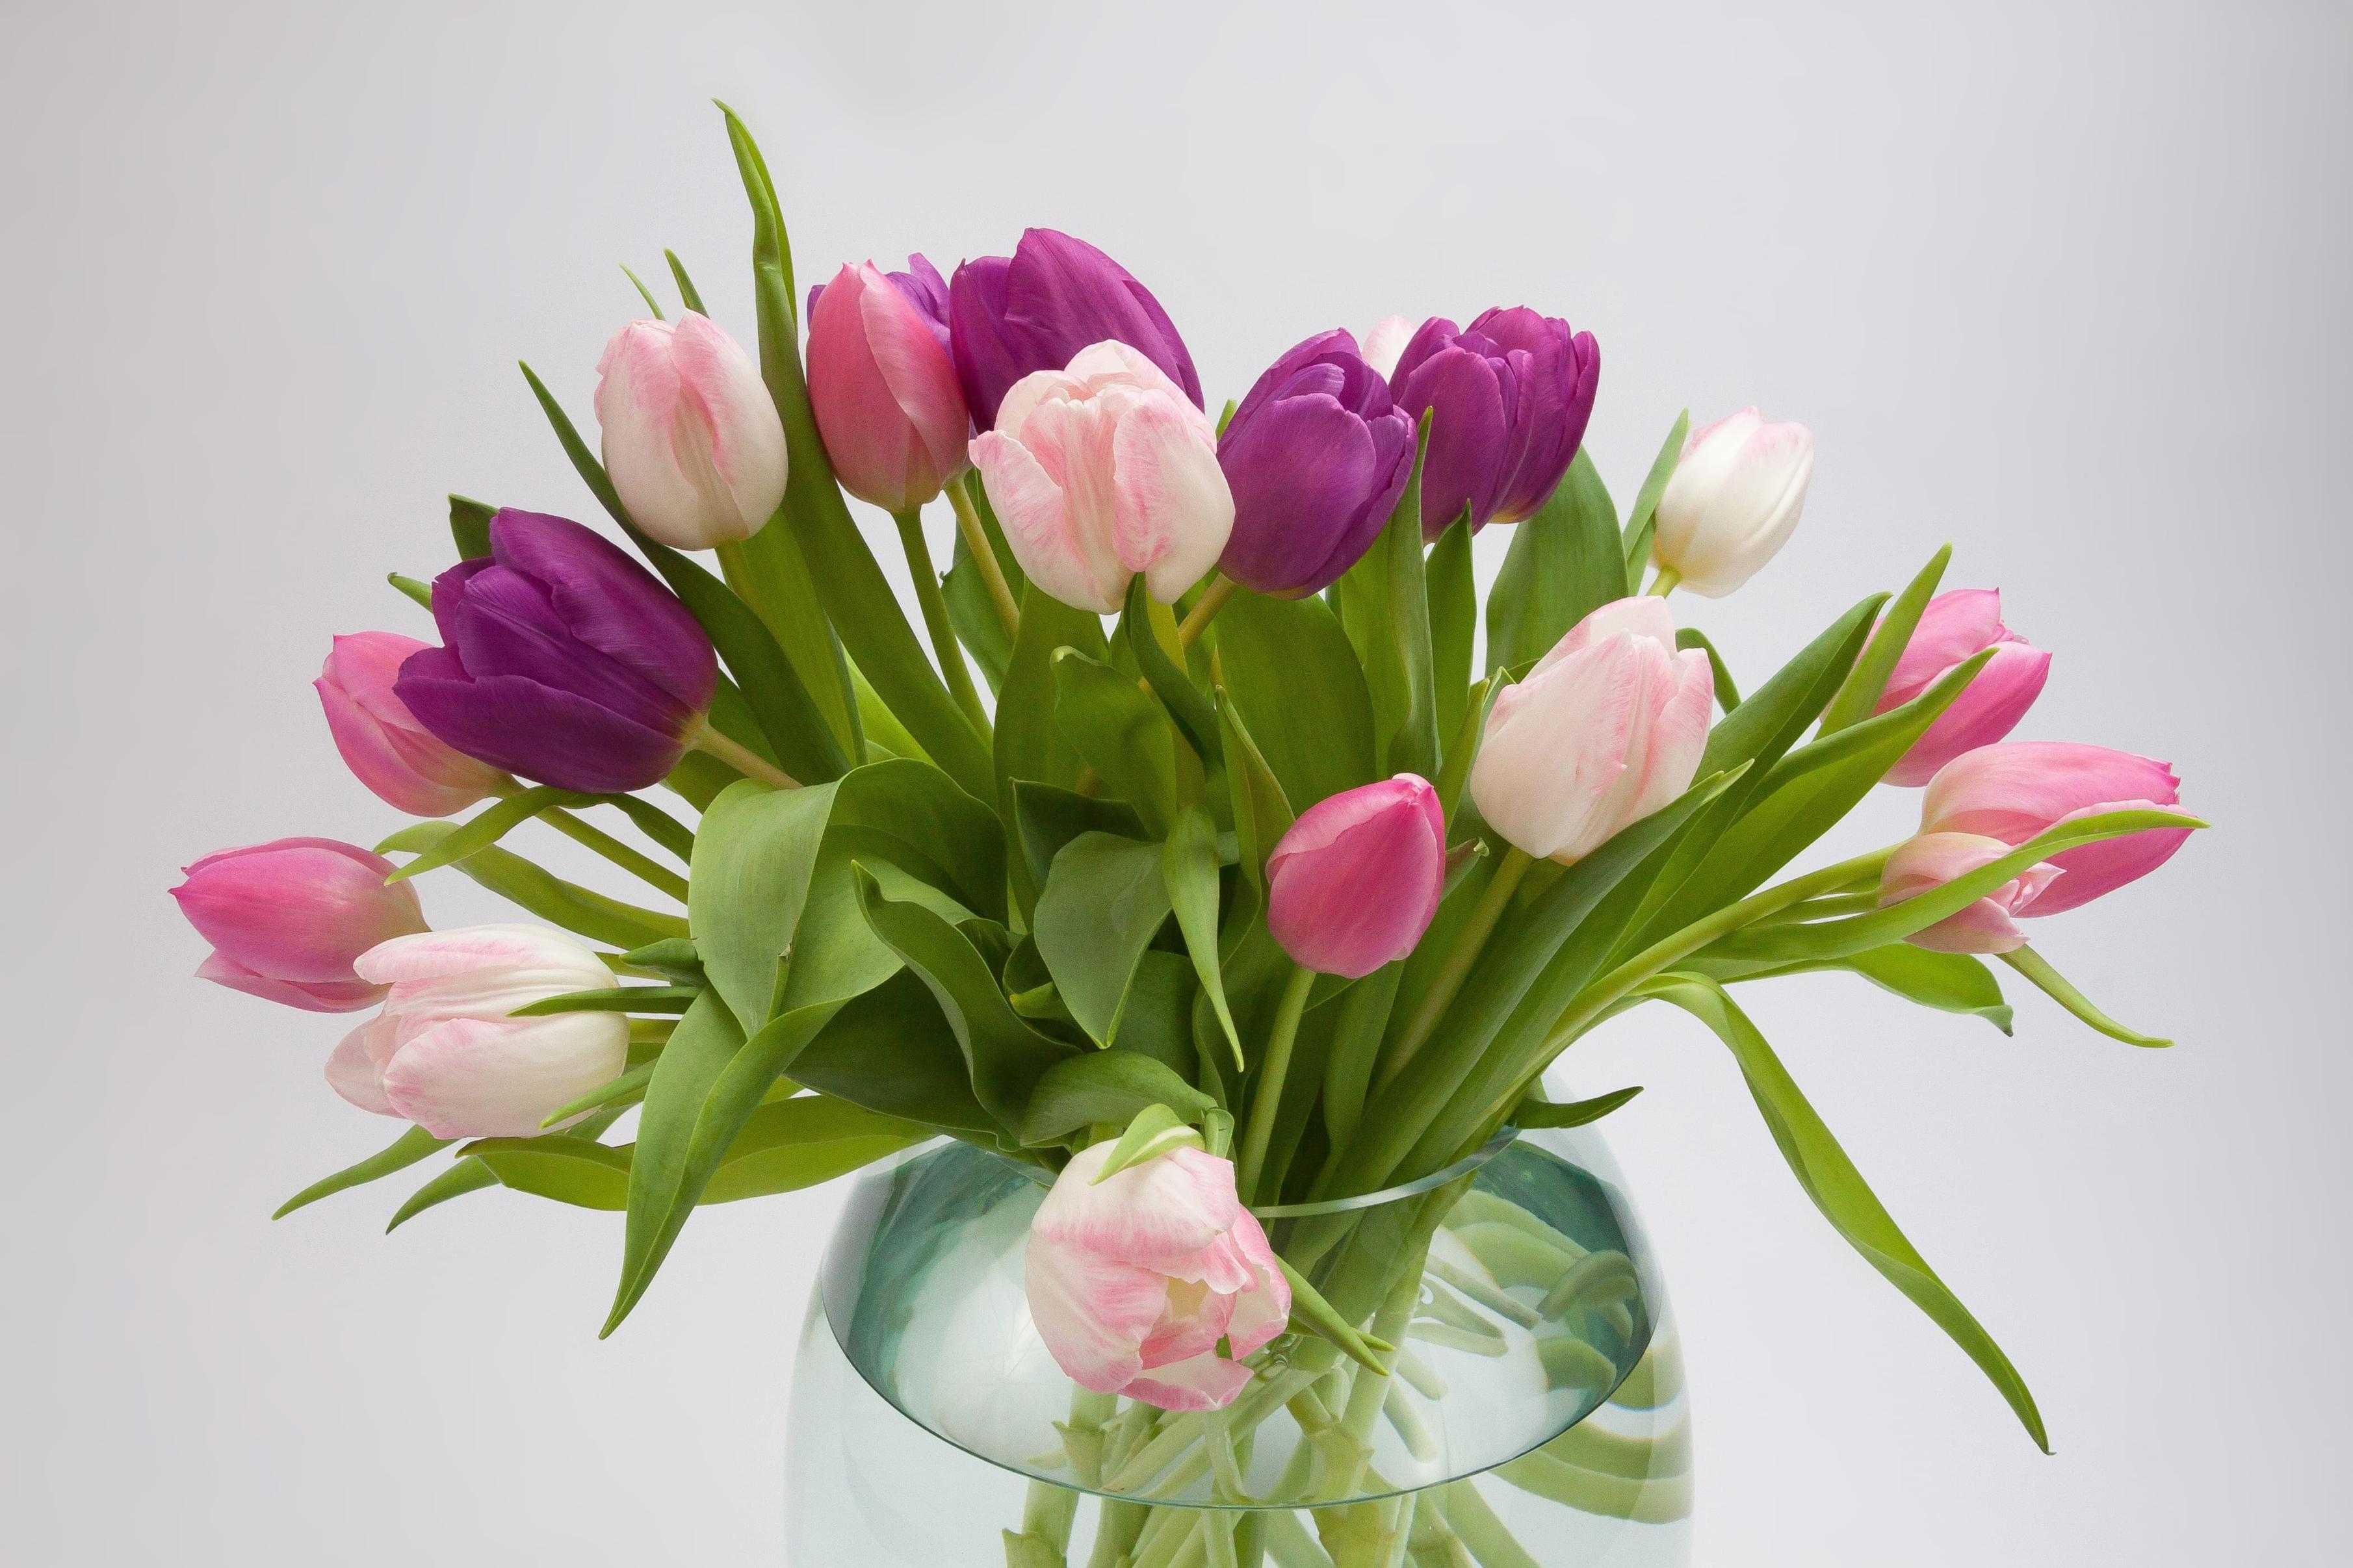 tulip-photo-27